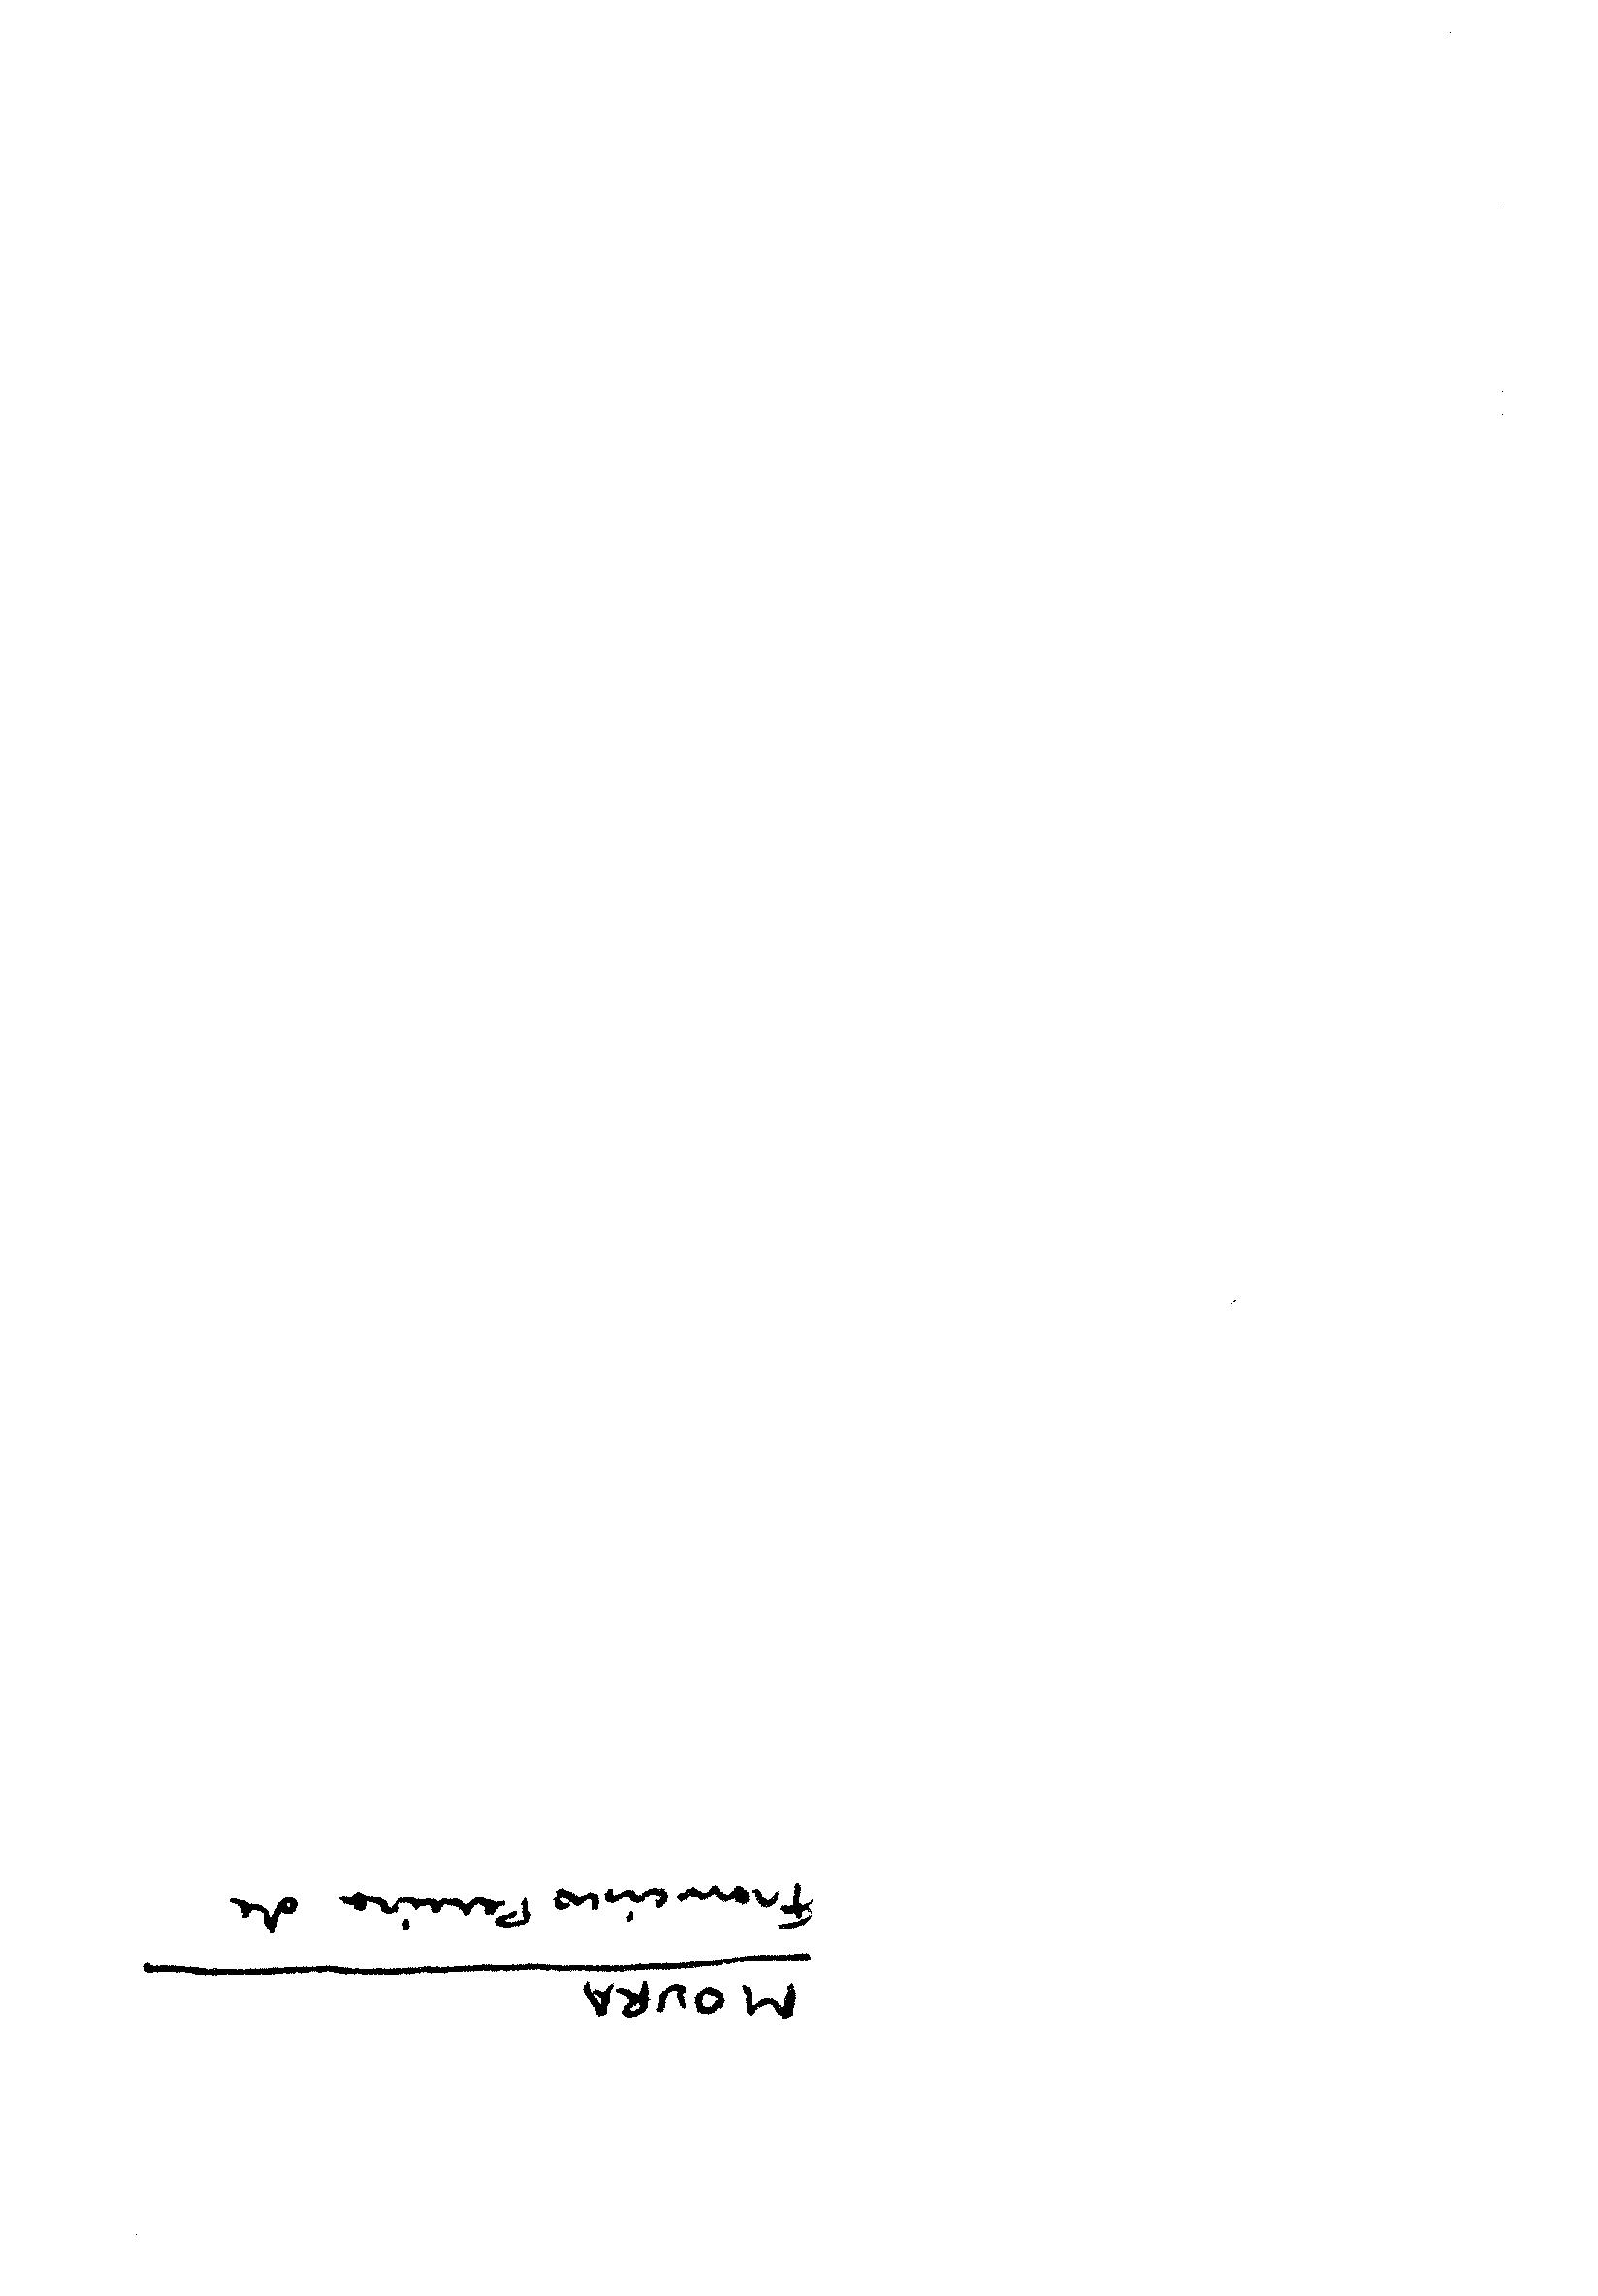 04547.022.001- pag.1